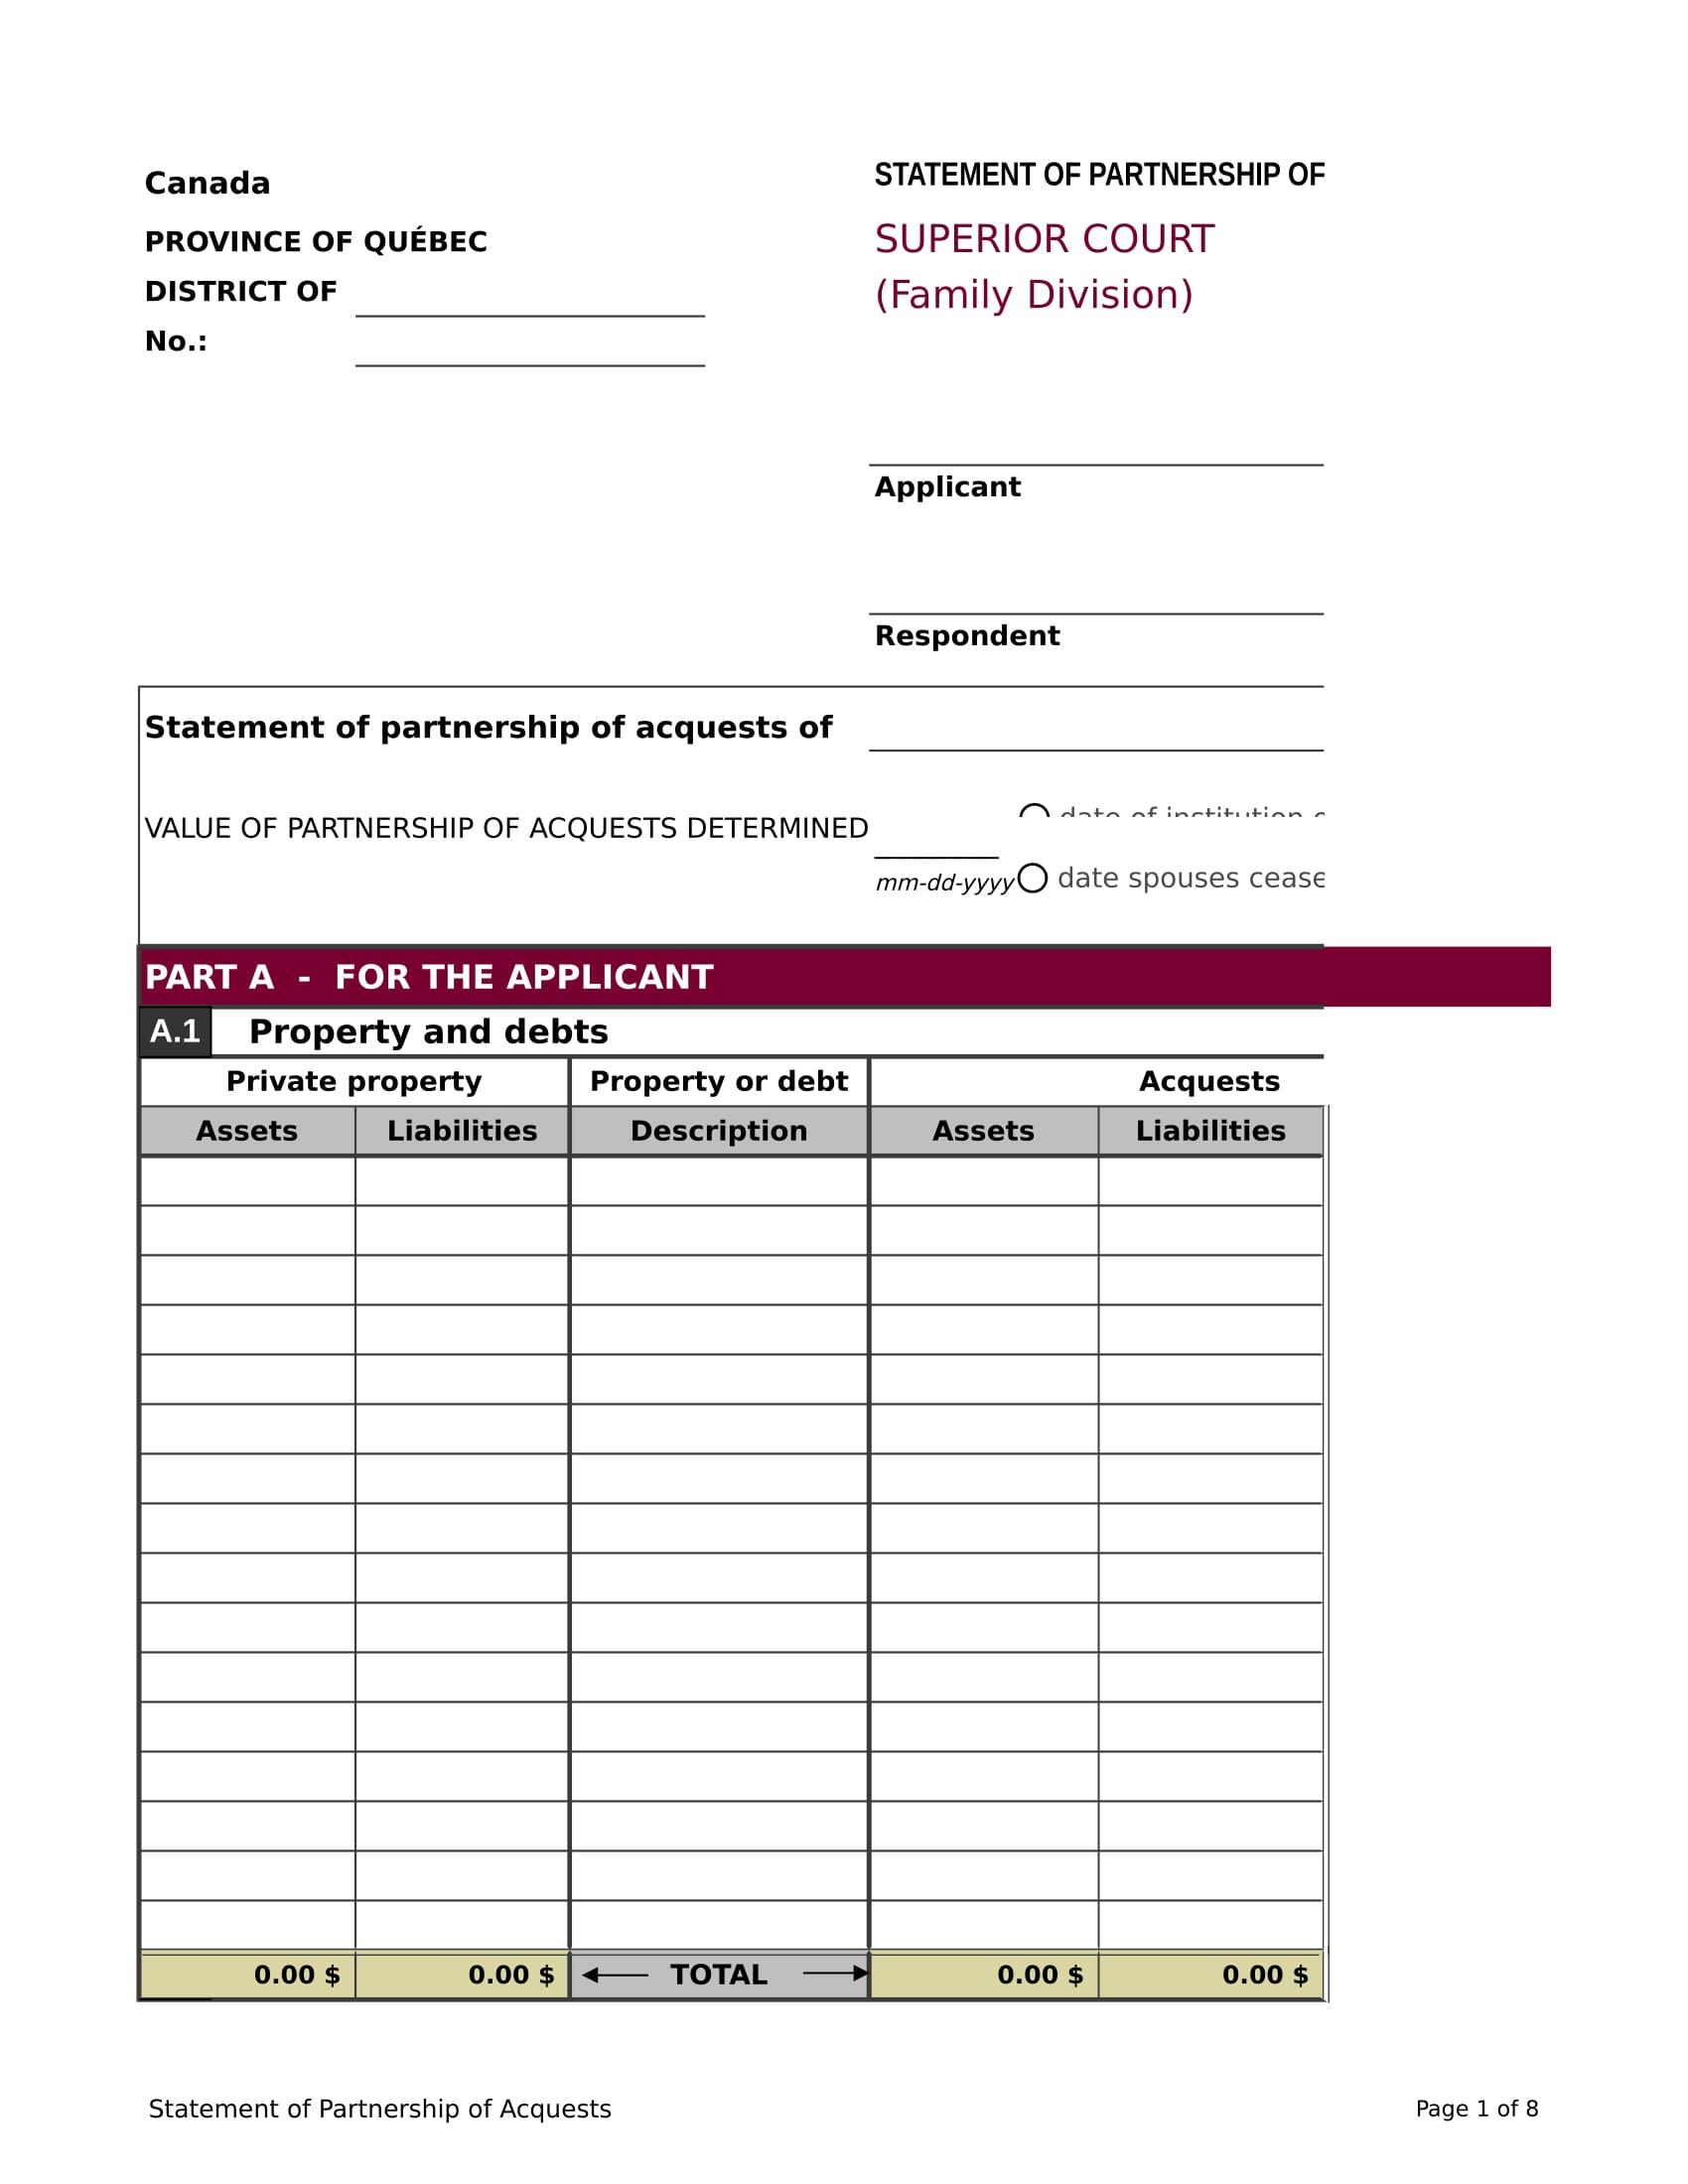 partnership acquest statement form 1